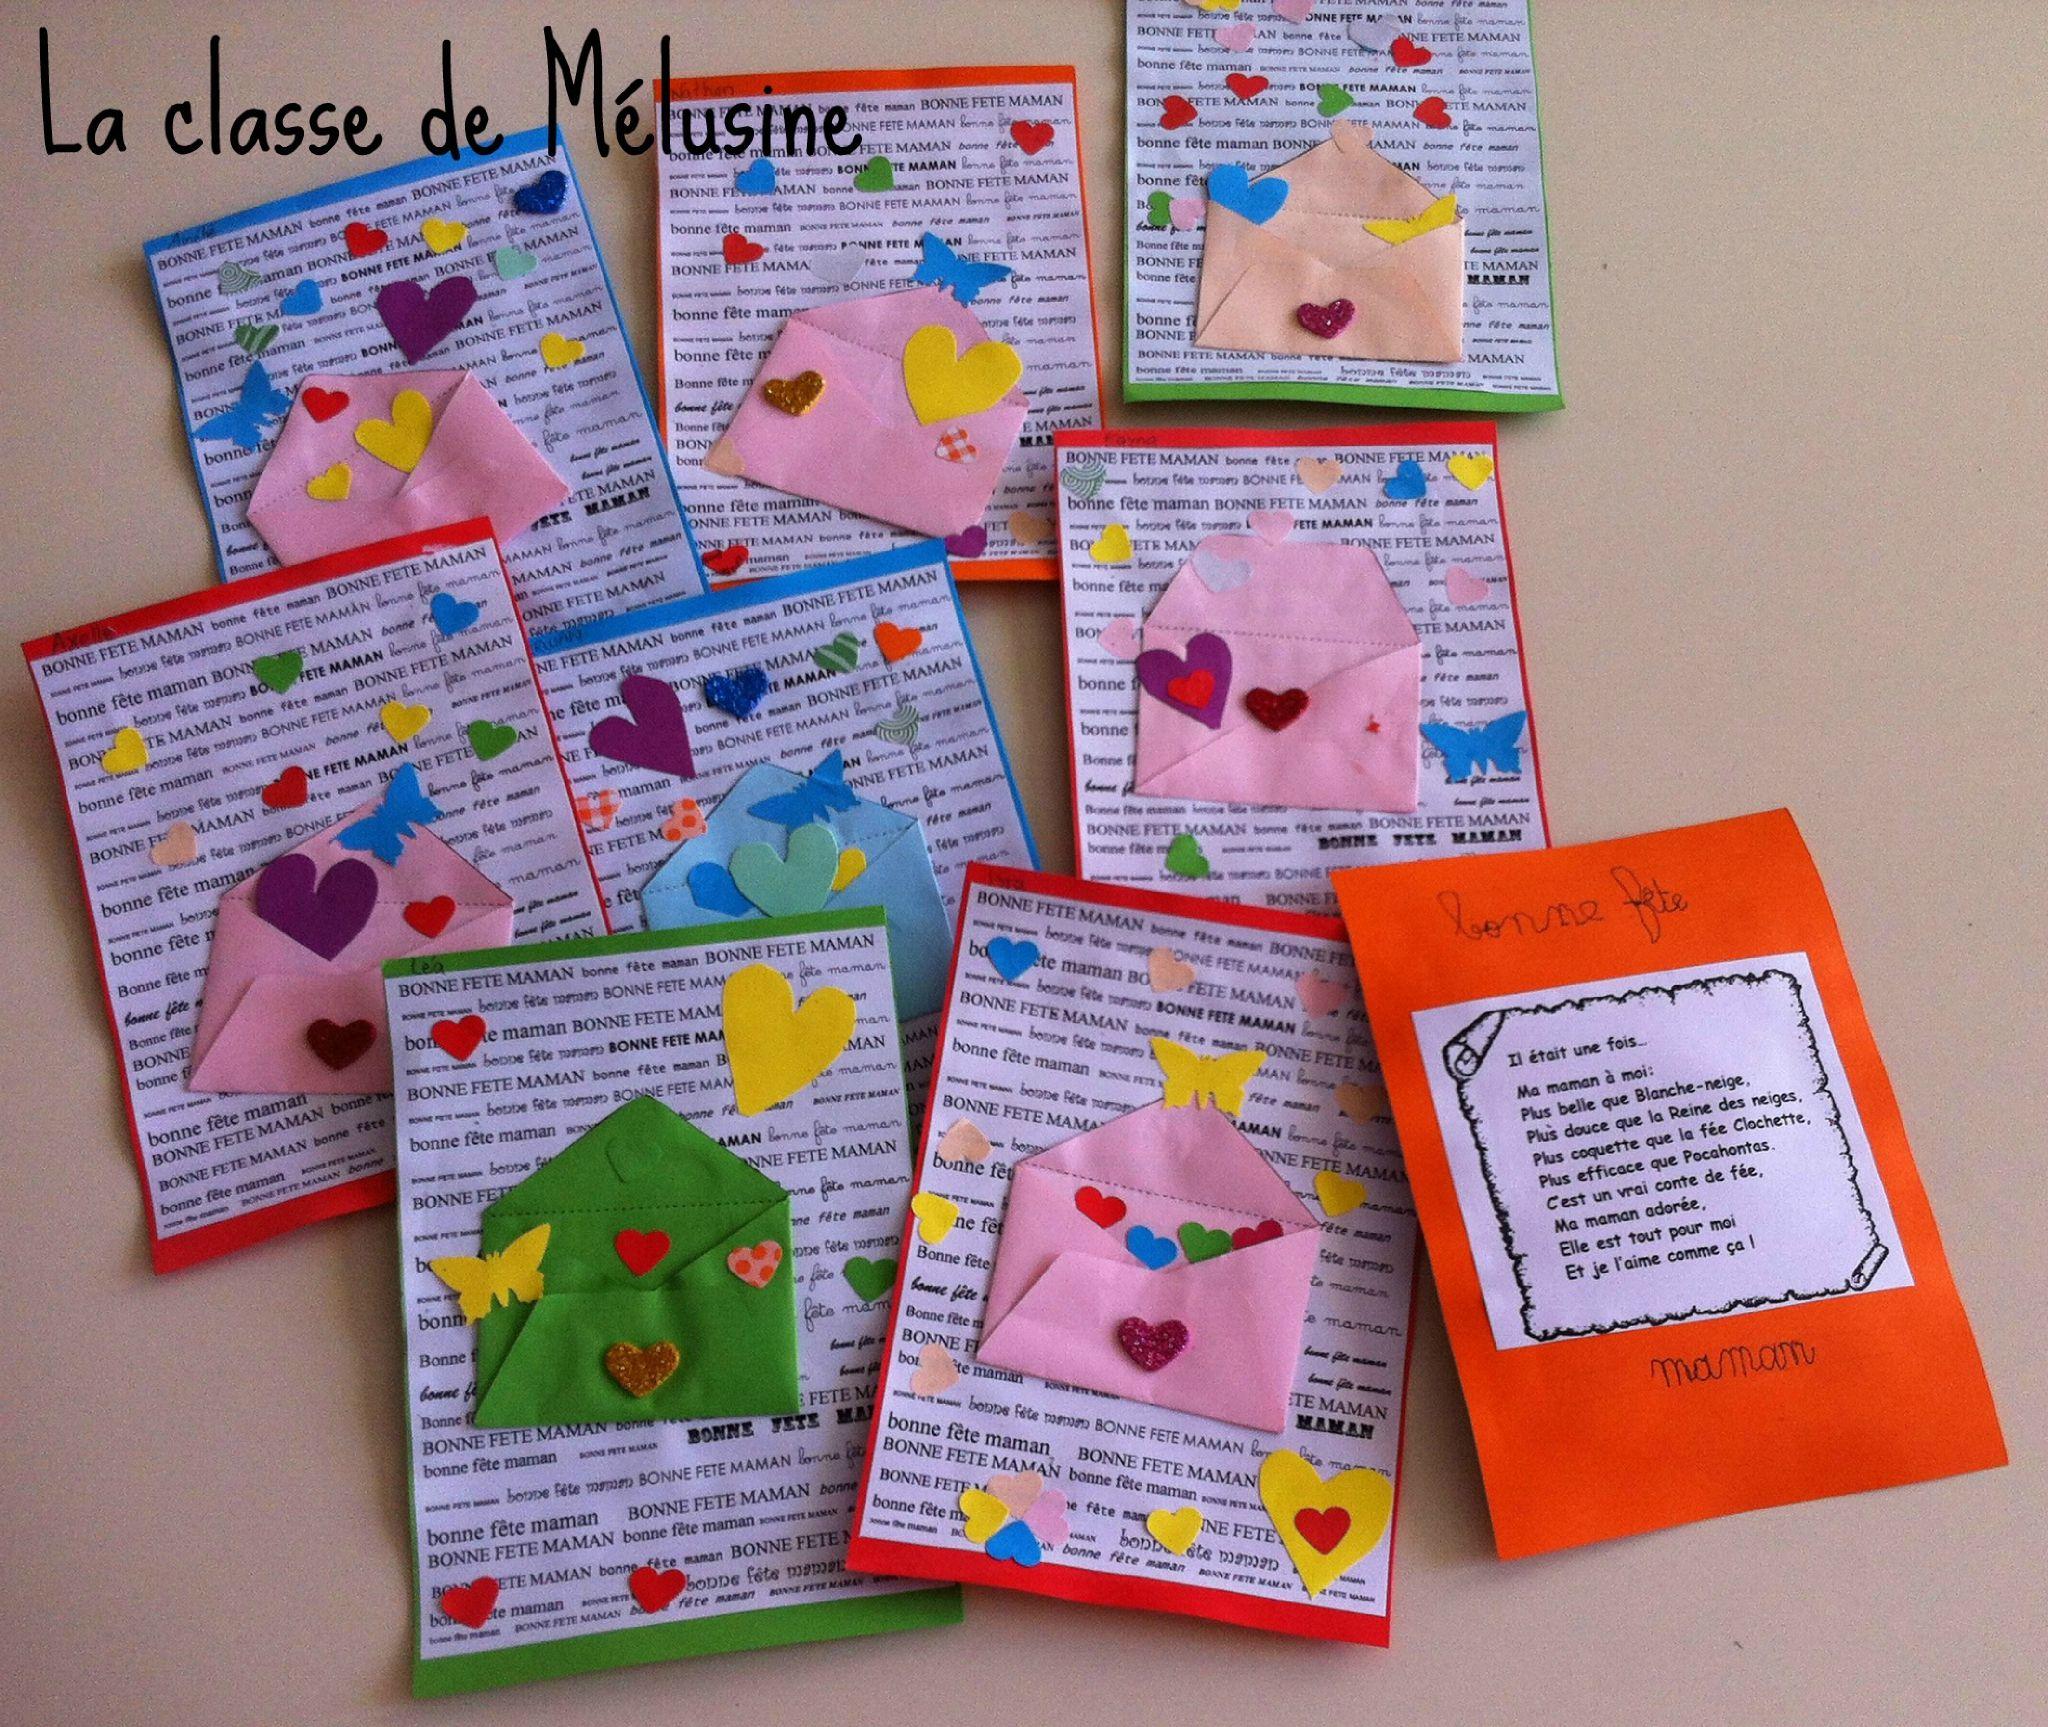 carte fete des mères maternelle carte lâcher de coeurs (avec images)   Carte fête des mères maternelle